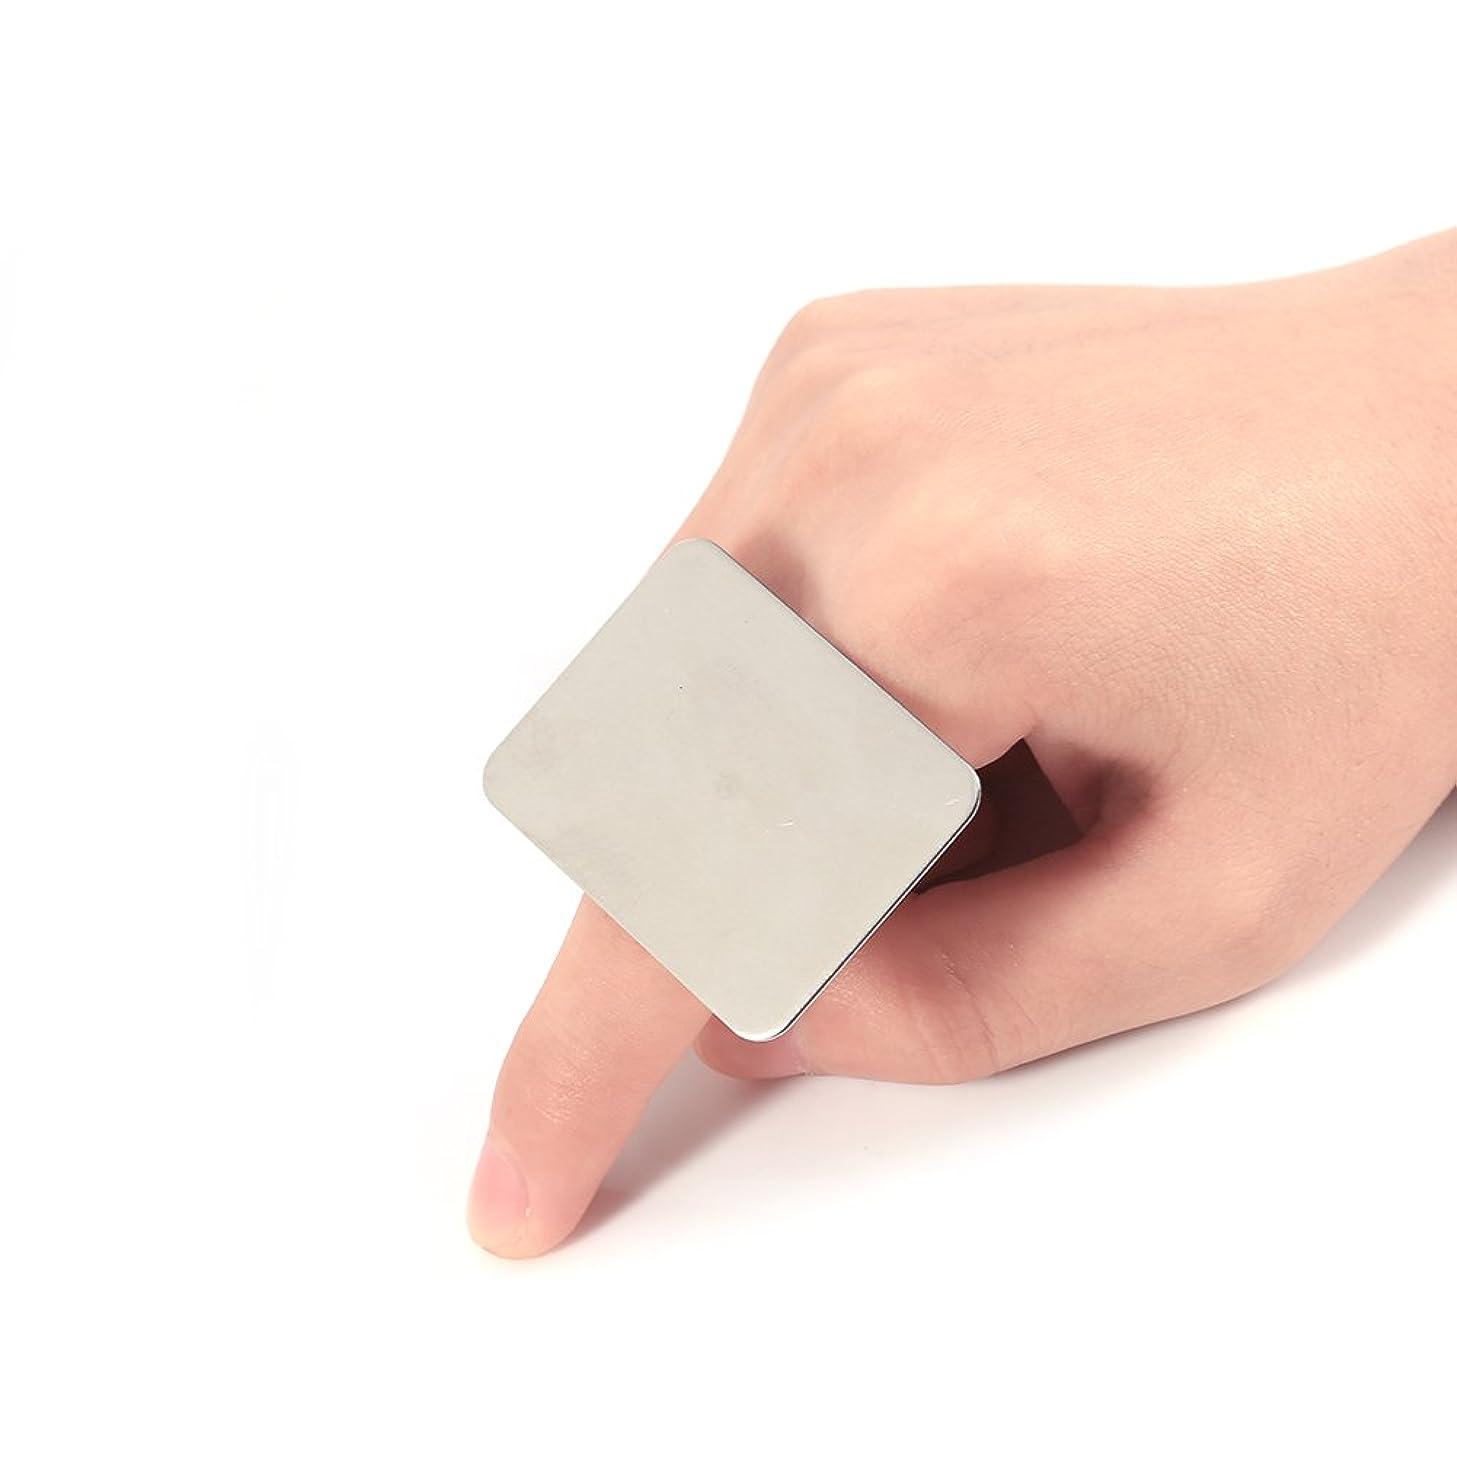 許されるリダクター公使館調節可能なリングステンレススチールメイク化粧品ネイルアートペイントミキシングパレットツールFilfeel